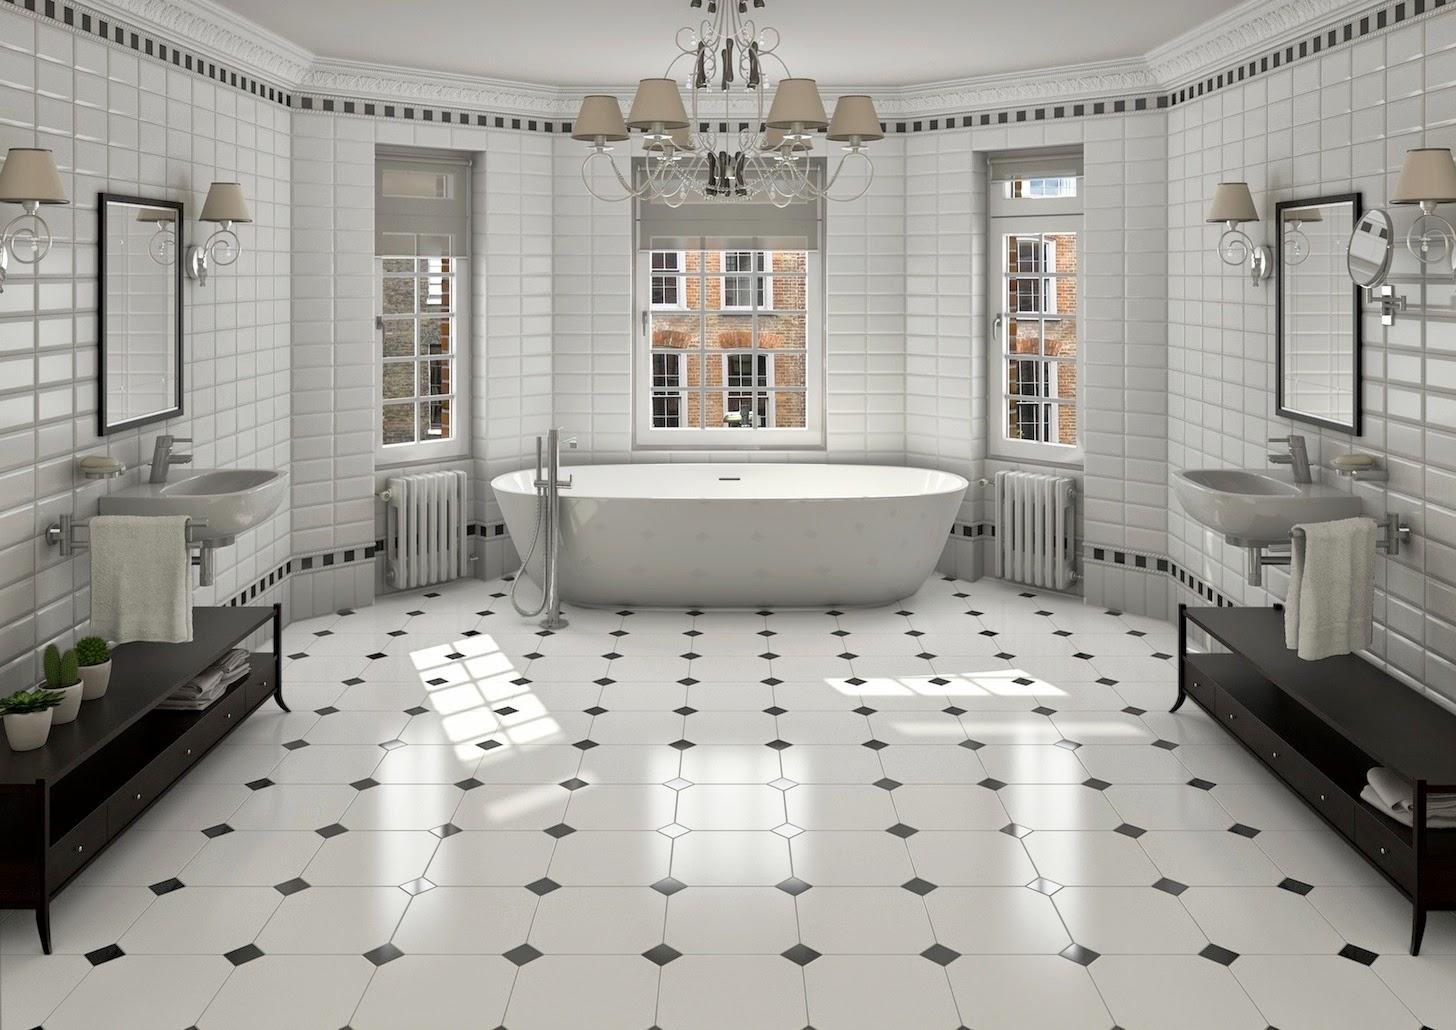 Pienen kylpyhuoneen sisustus